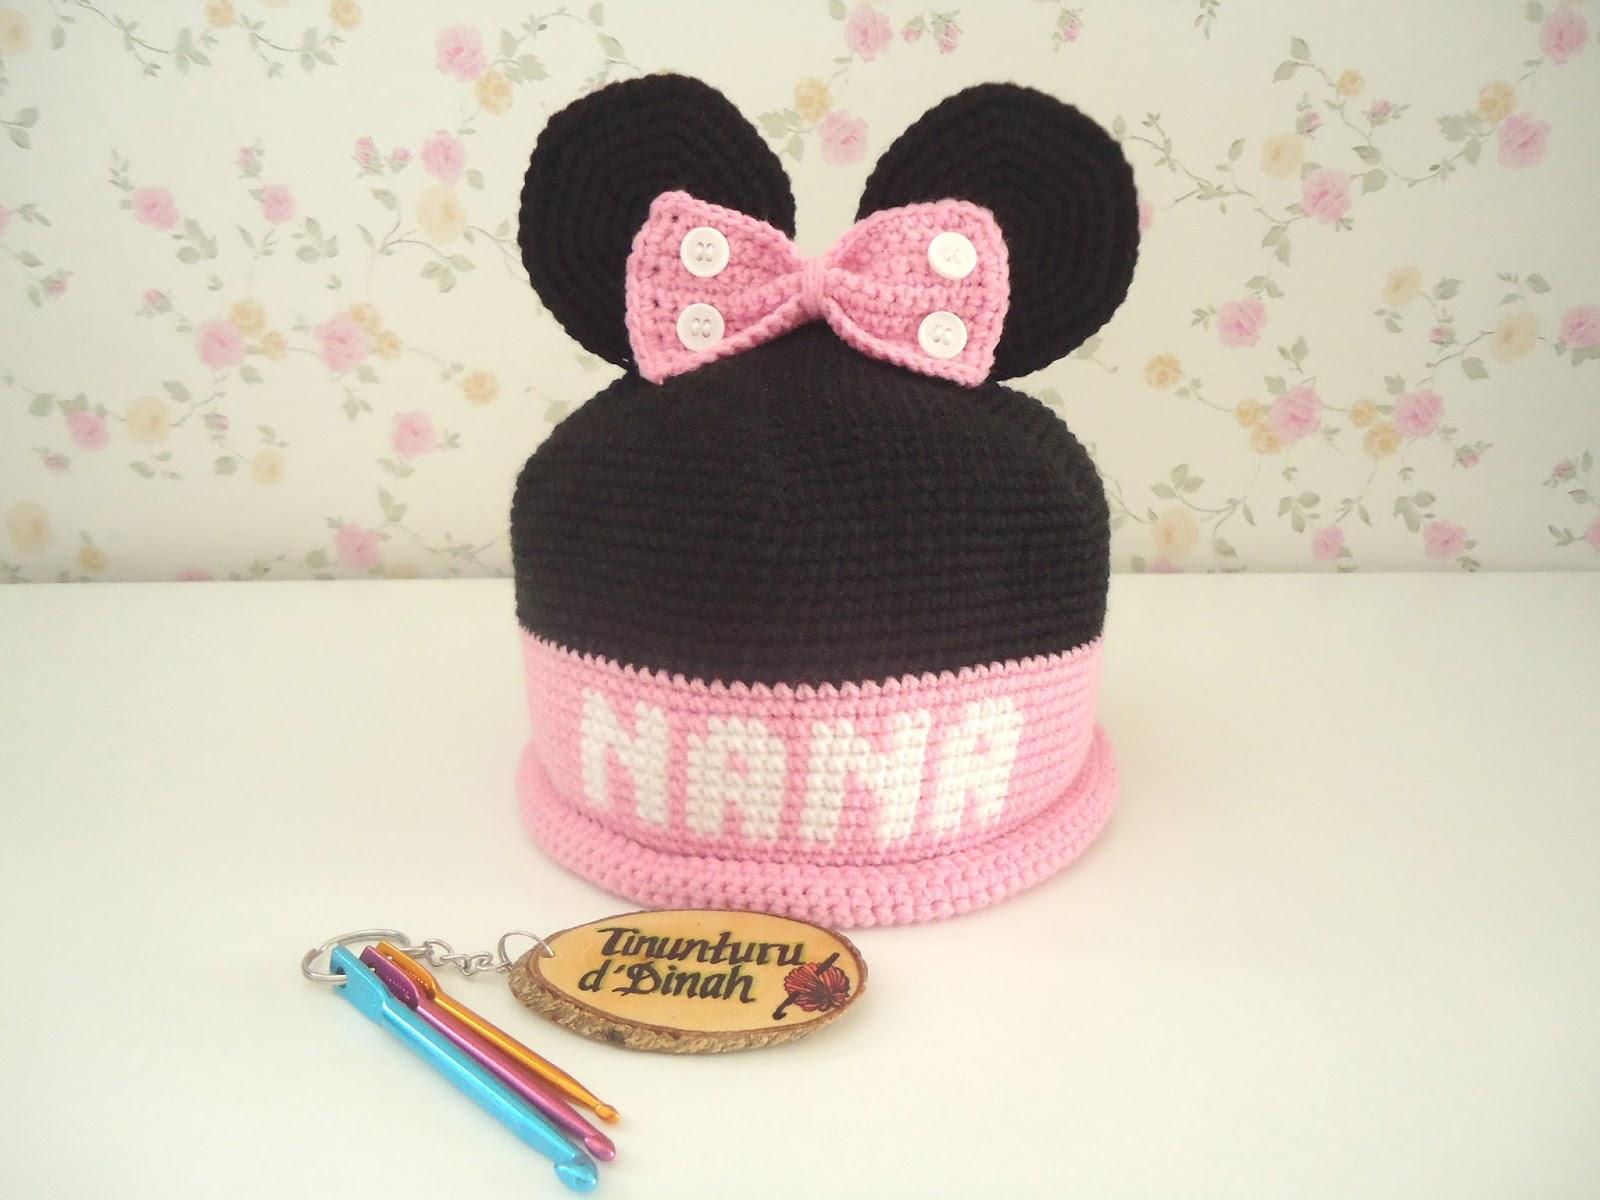 Dinah Crochet: Minnie Mouse hat